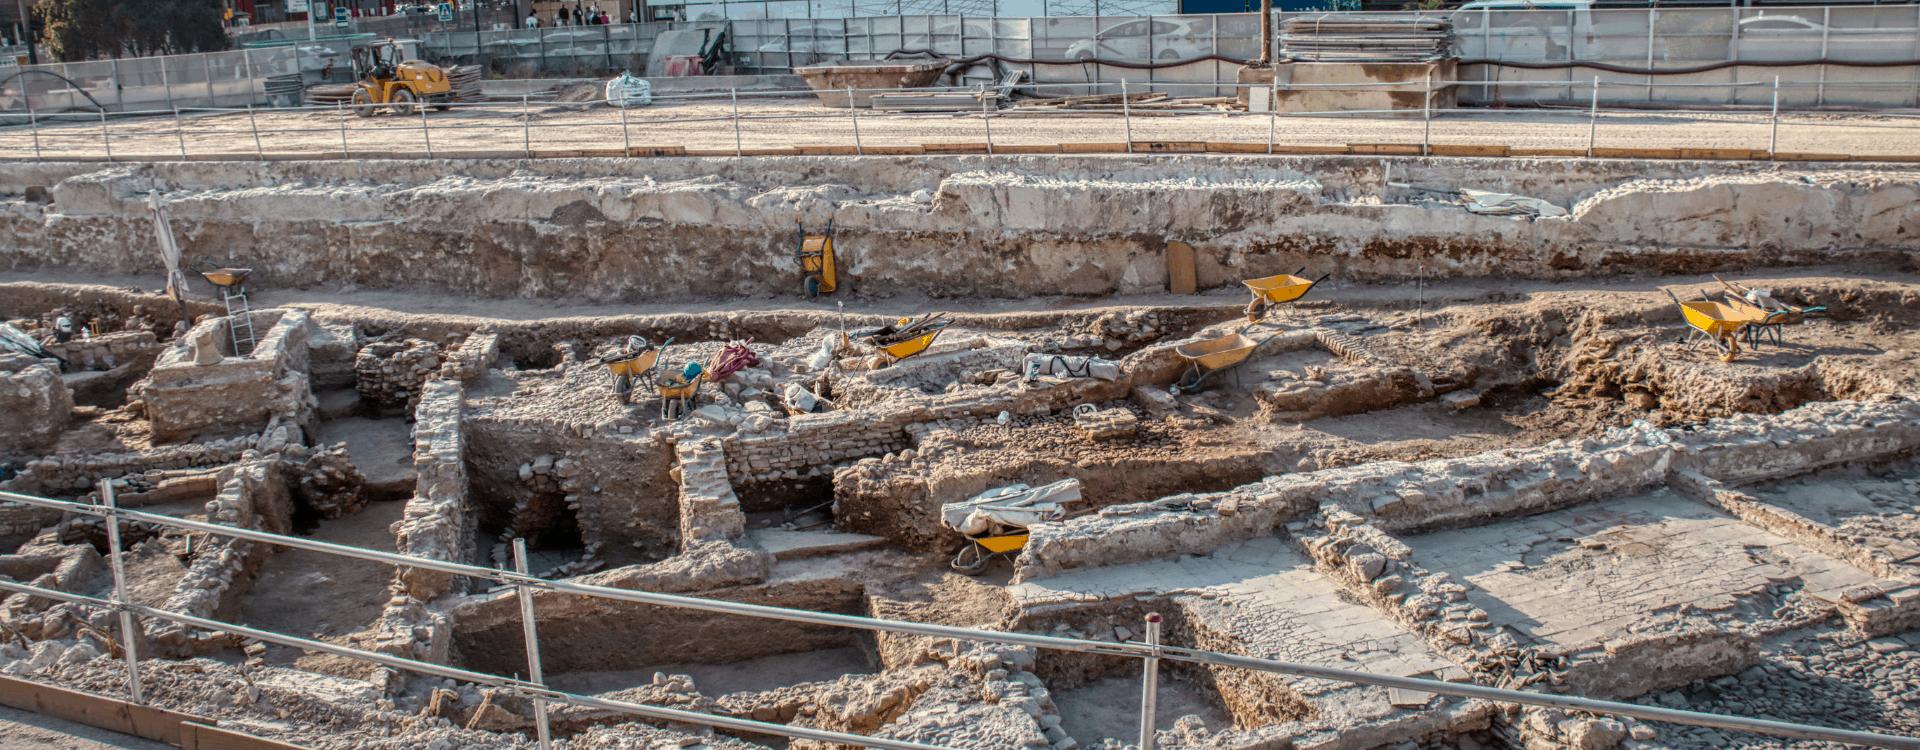 restos-arqueologicos-obras-construccion